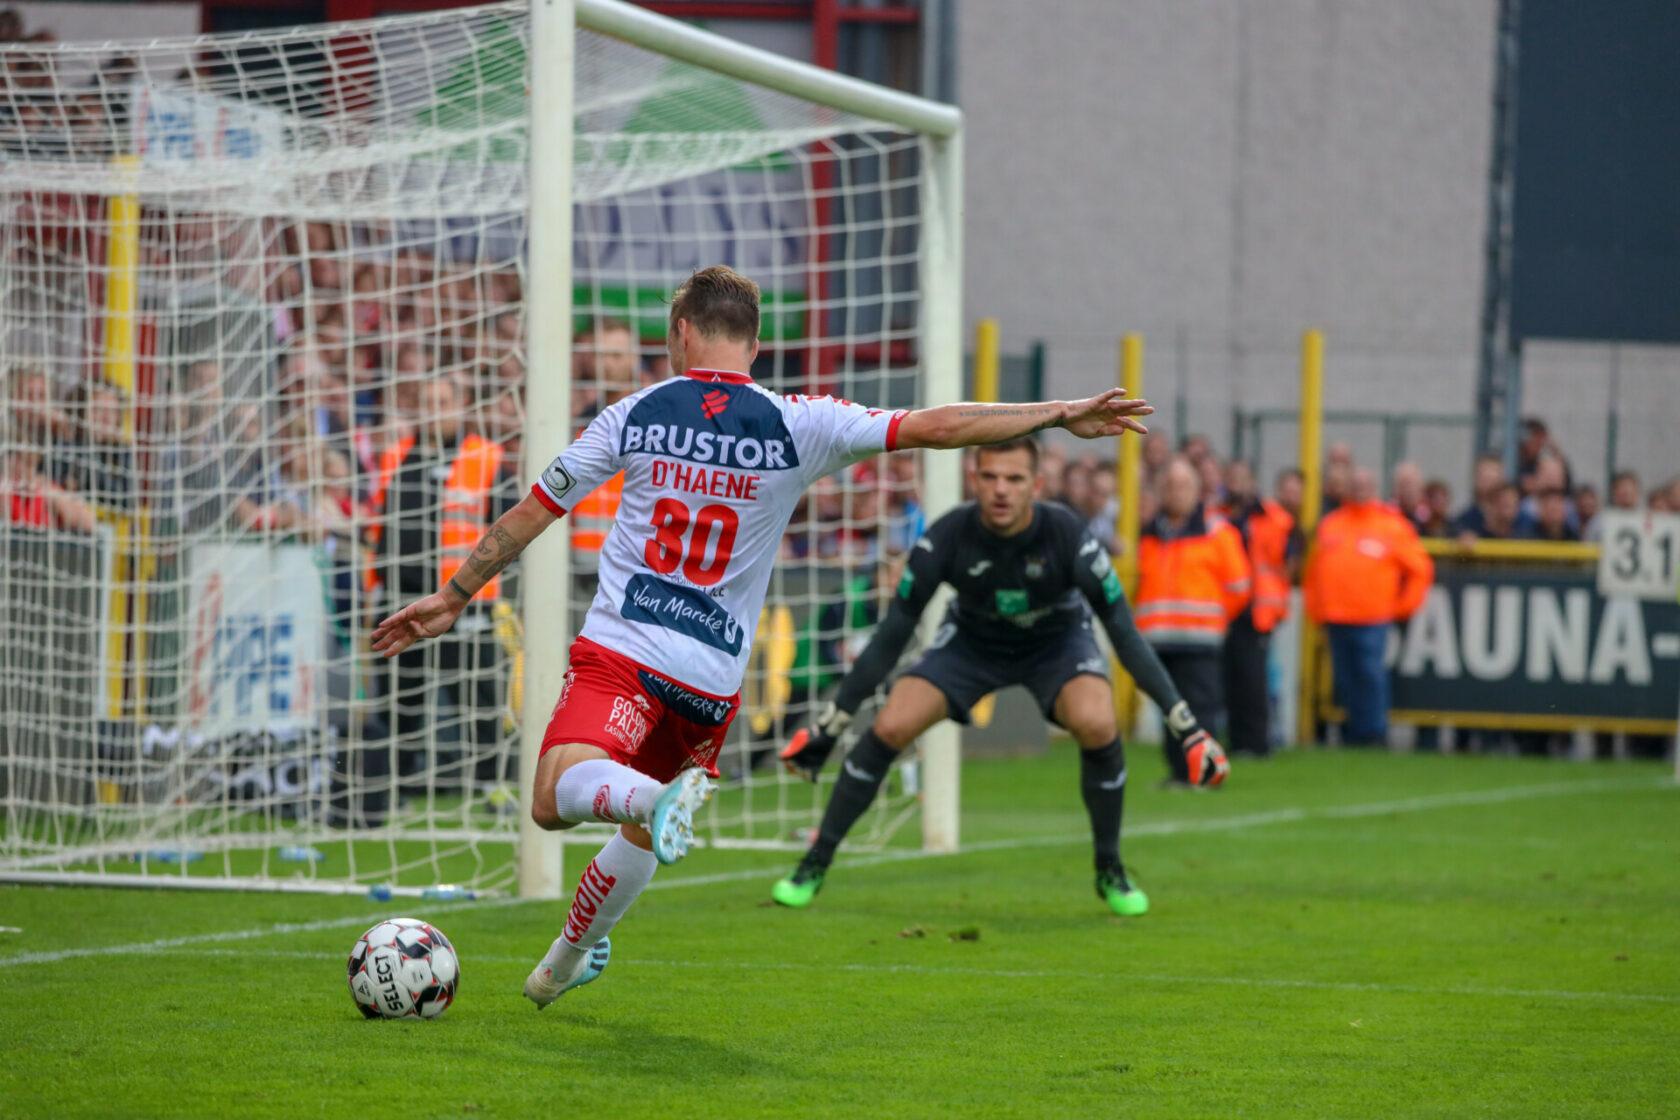 D'haene Goal